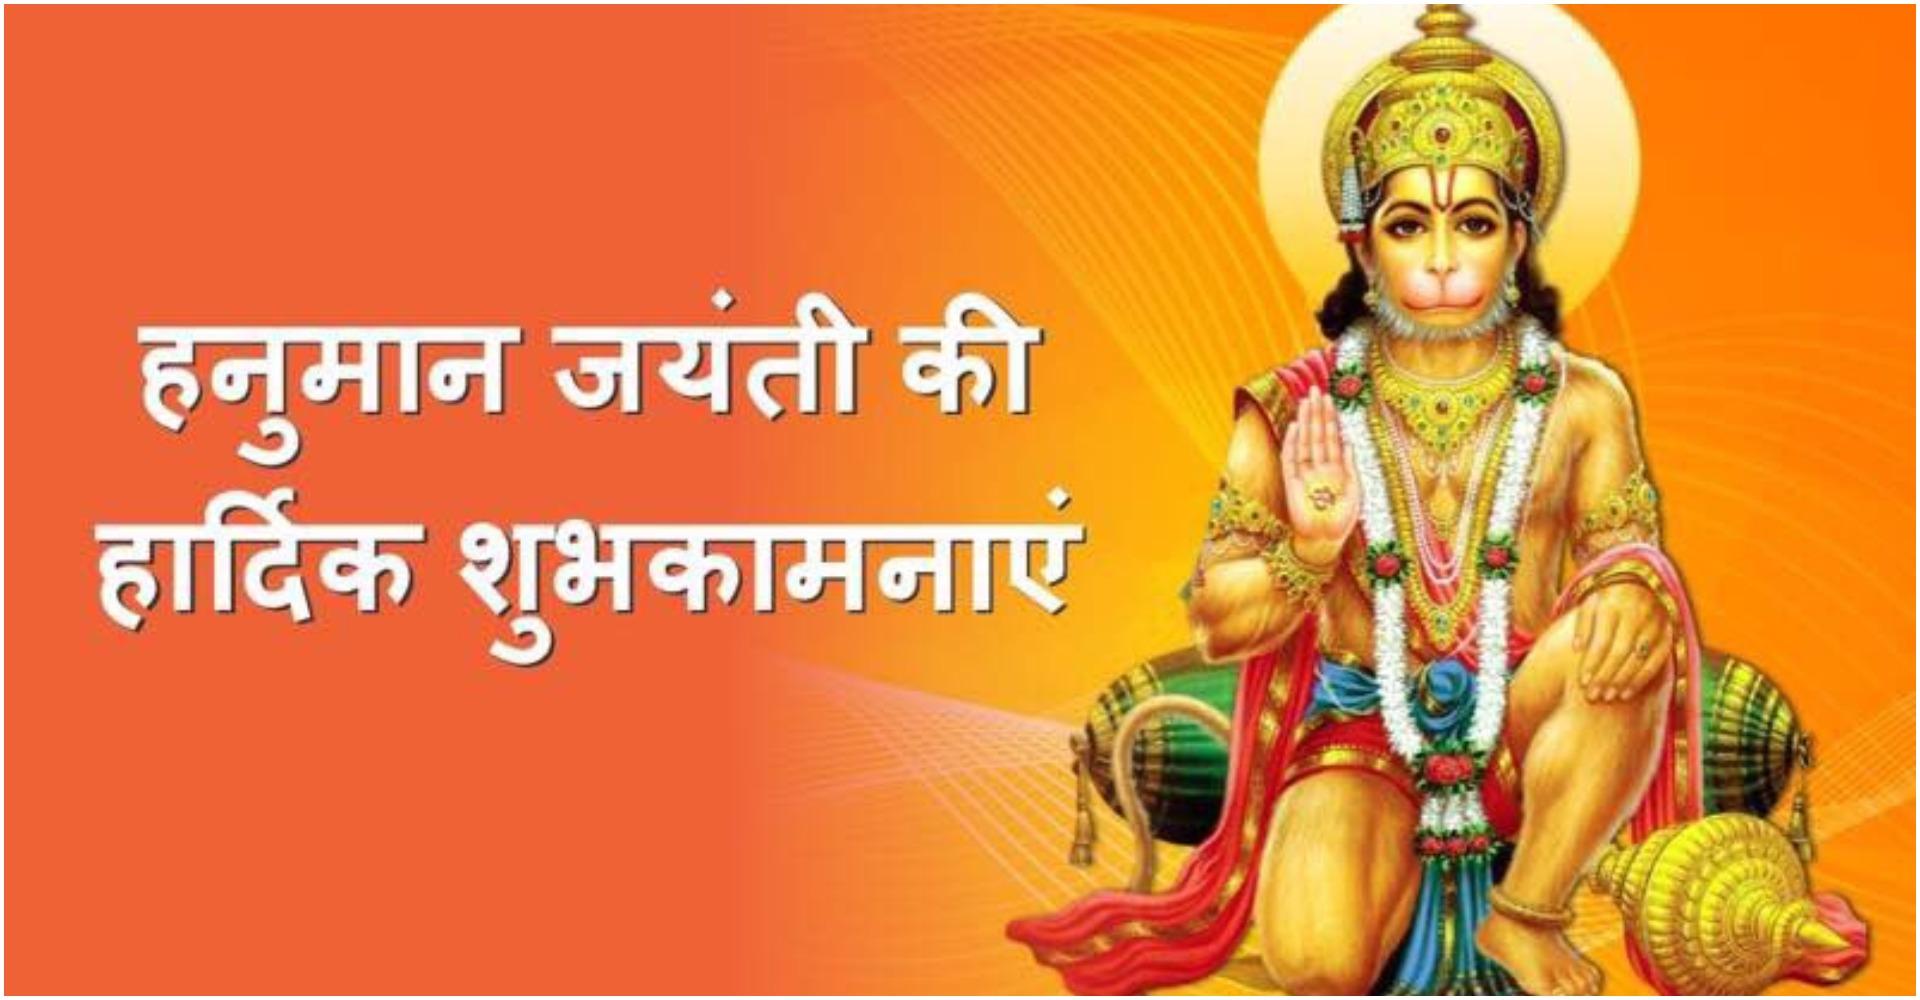 Hanuman Jayanti 2020 Wishes: हनुमान जयंती के शुभ दिन अपने परिजनों को सन्देश के जरिएभेजें शुभकामनाएं